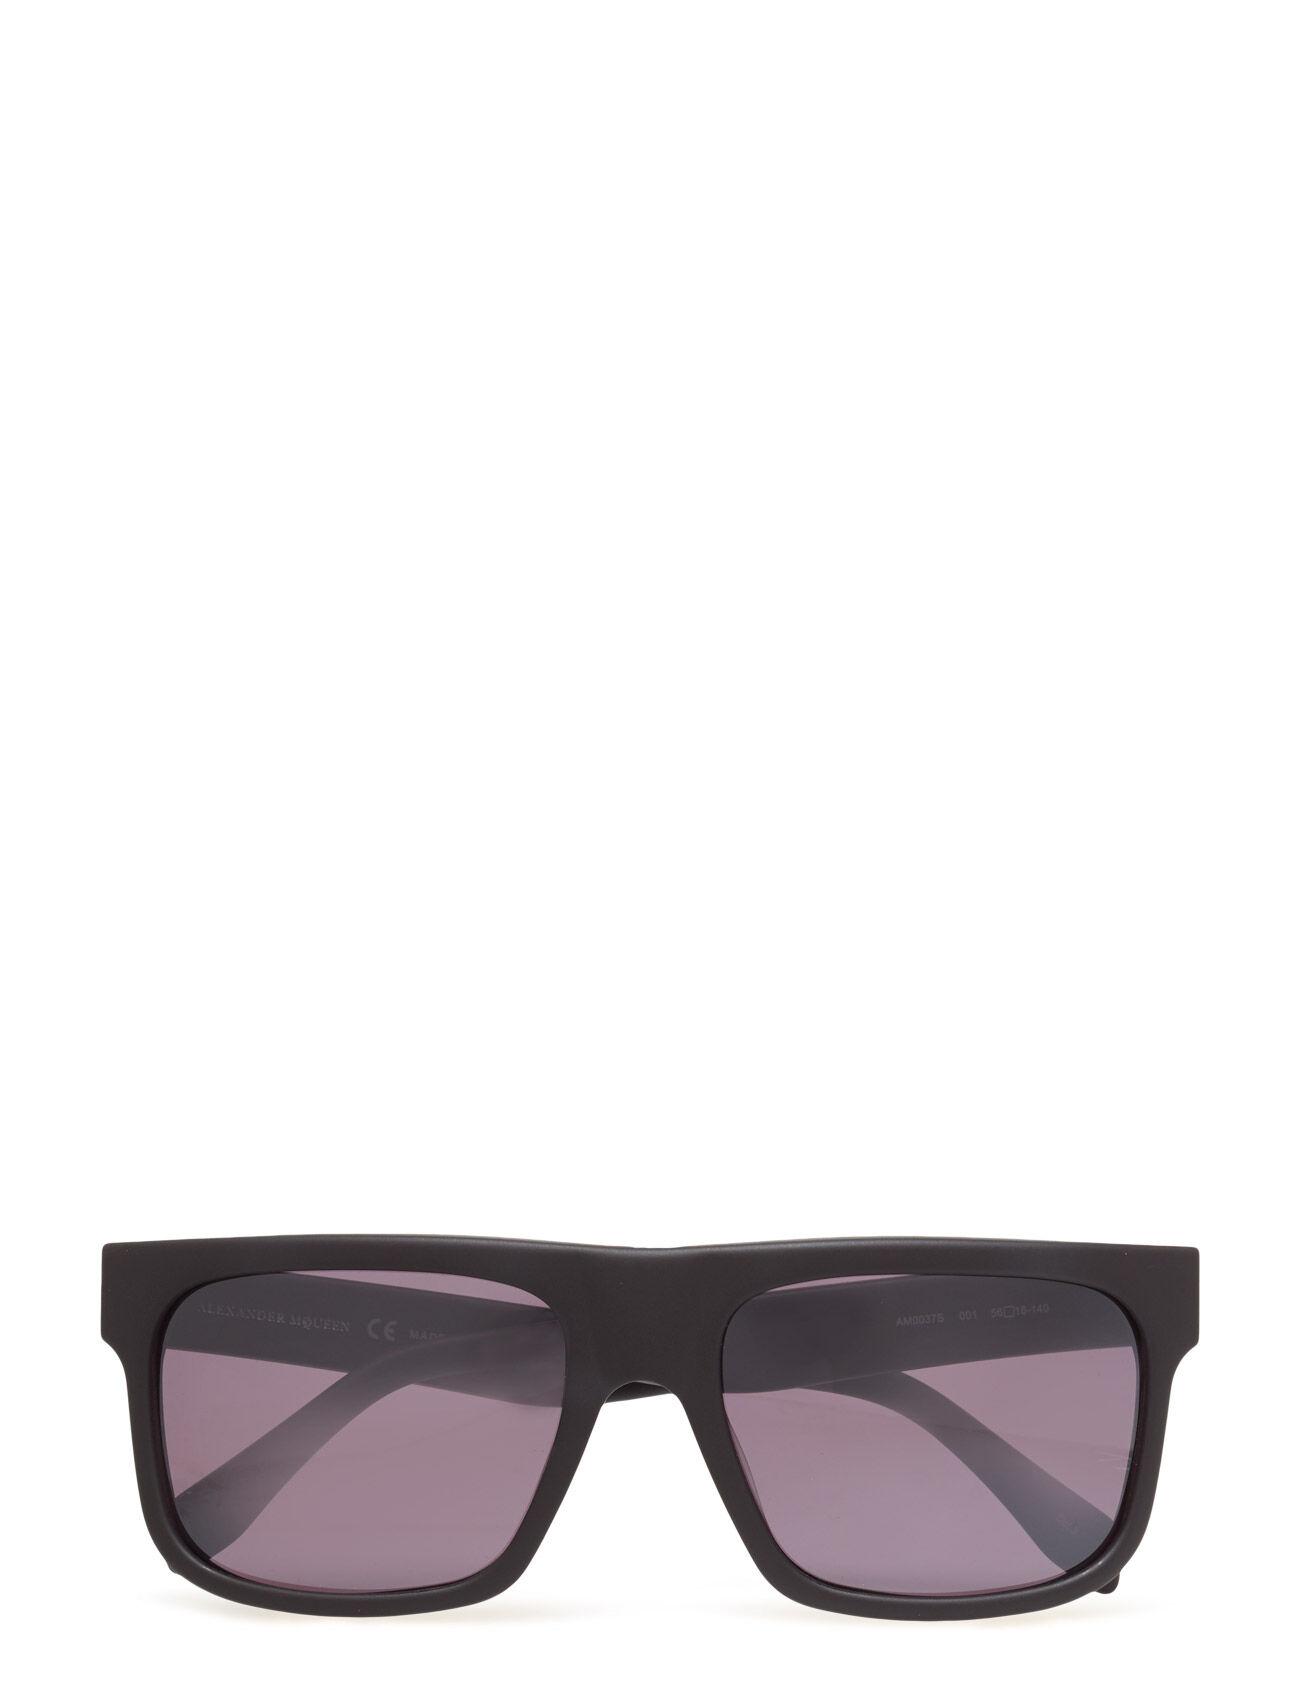 Alexander McQueen Eyewear Am0037s